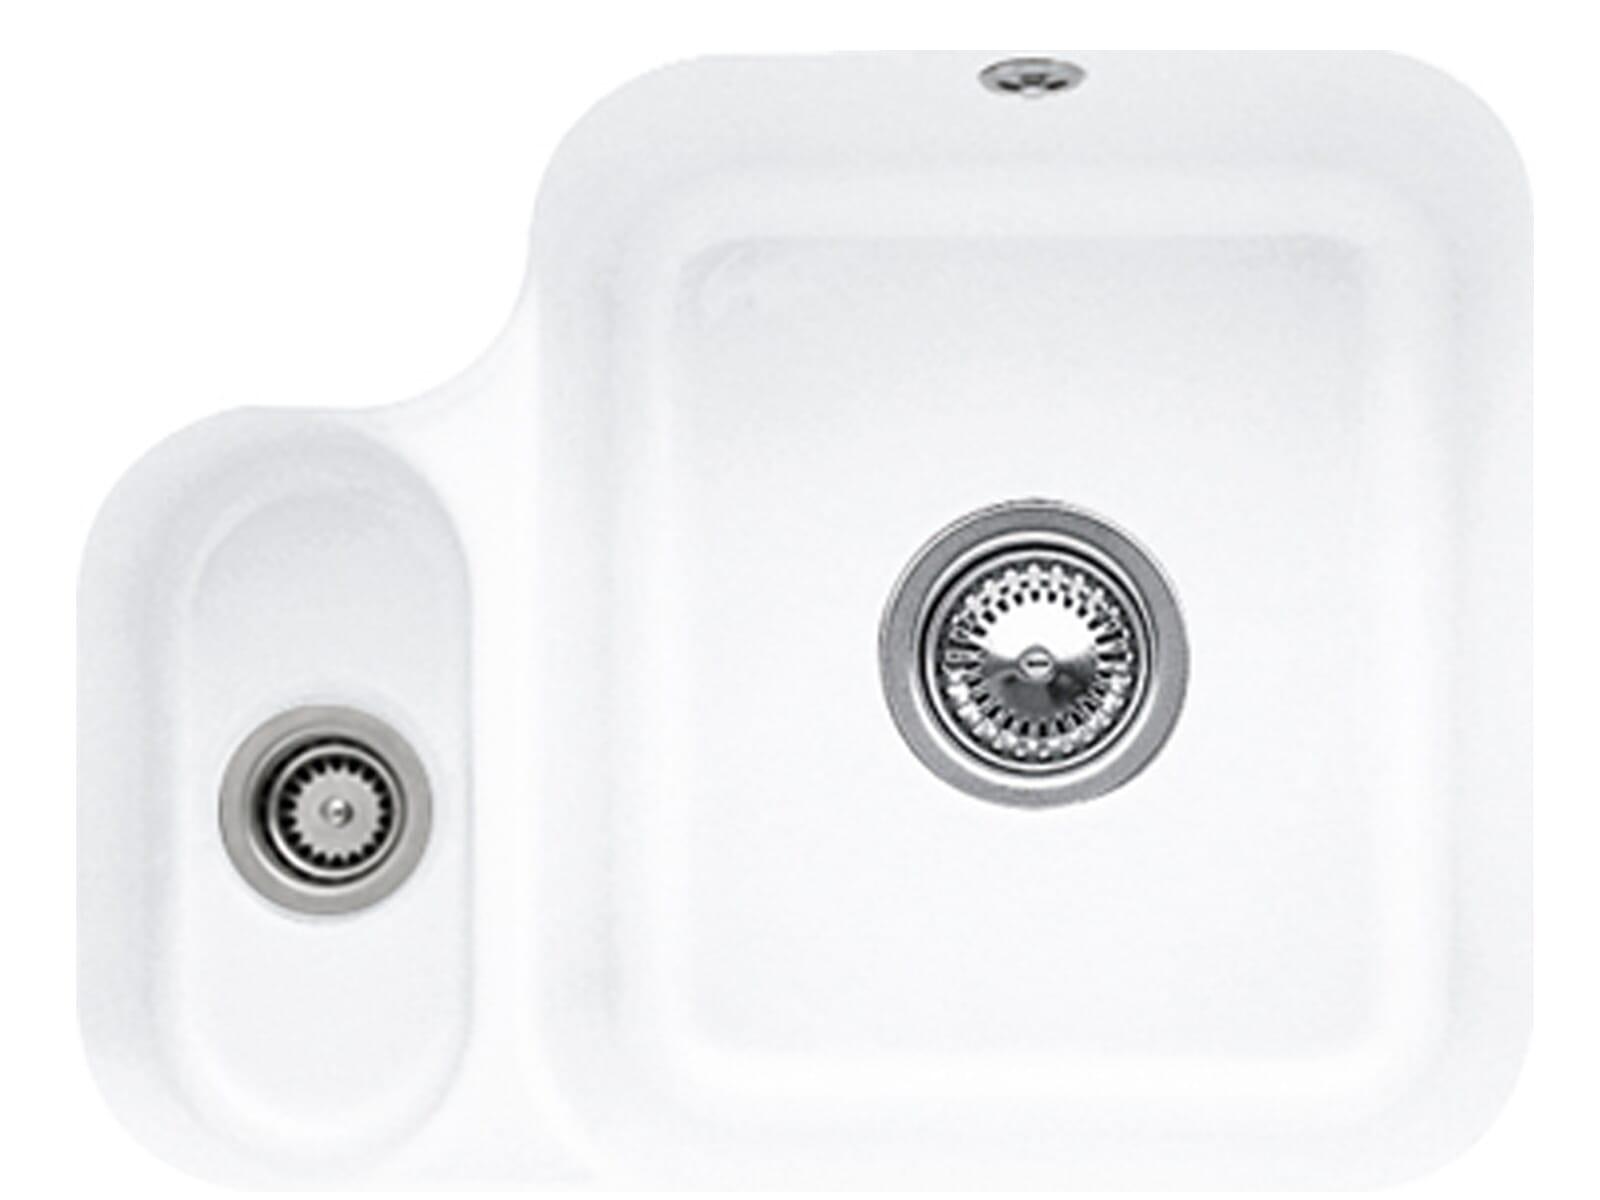 Villeroy & Boch Cisterna 60B Stone White - 6702 01 RW Keramikspüle Handbetätigung